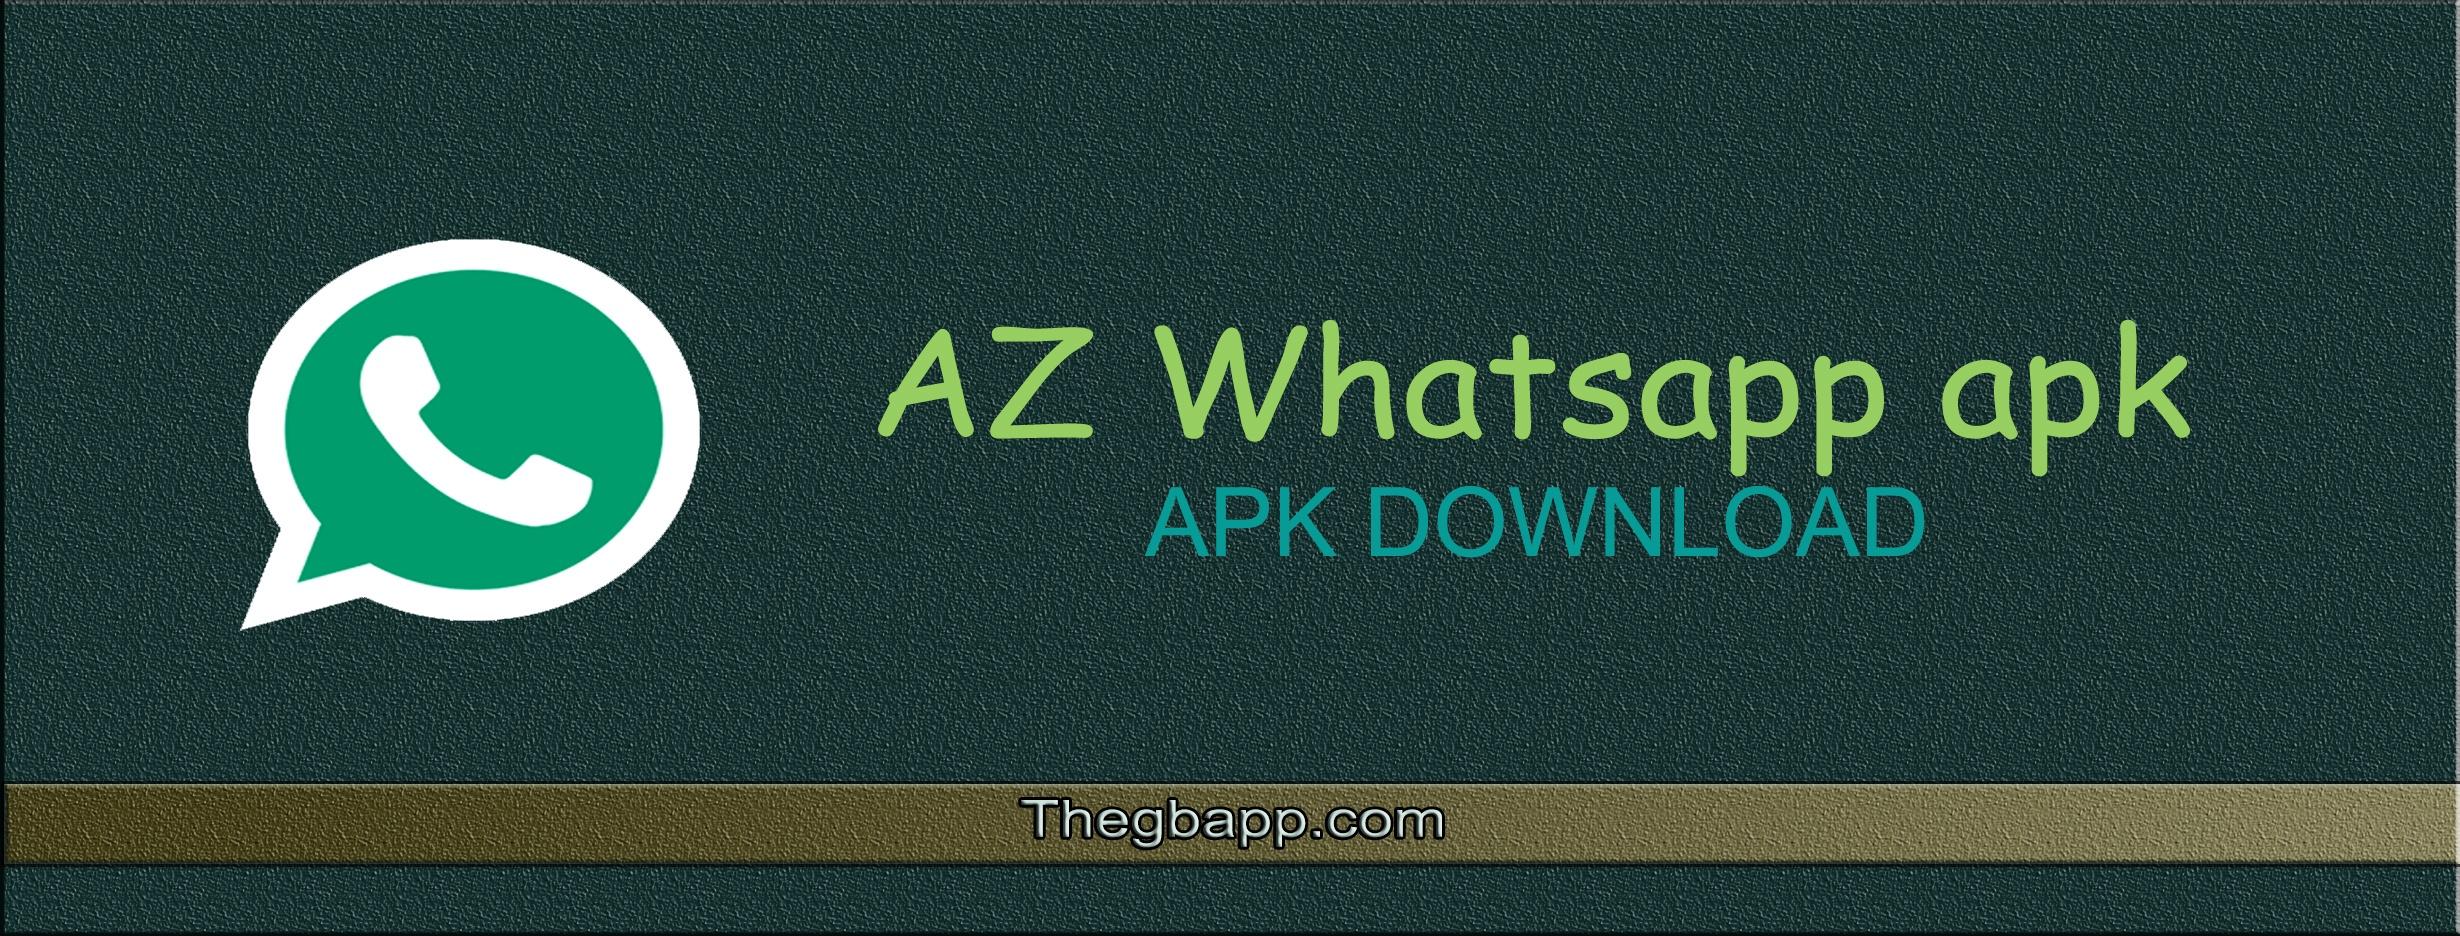 AZ Whatsapp apk